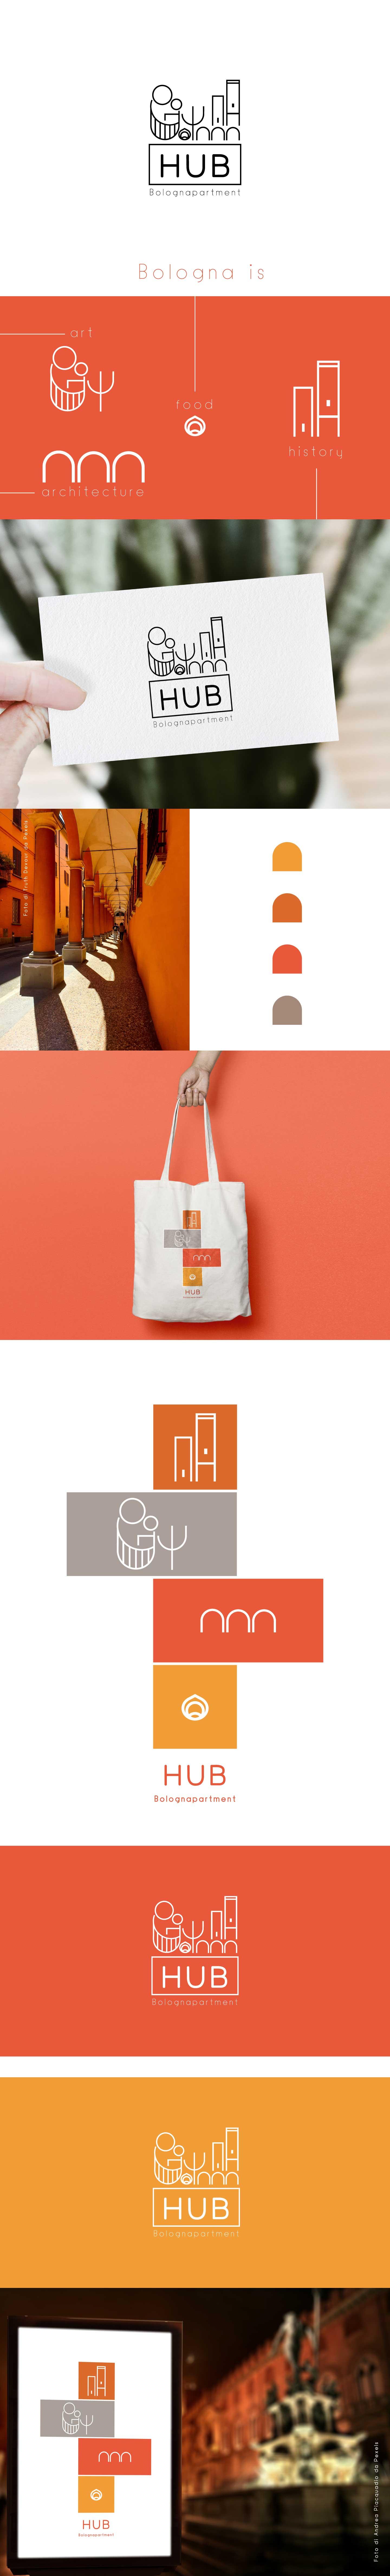 hub_branding_logo-design